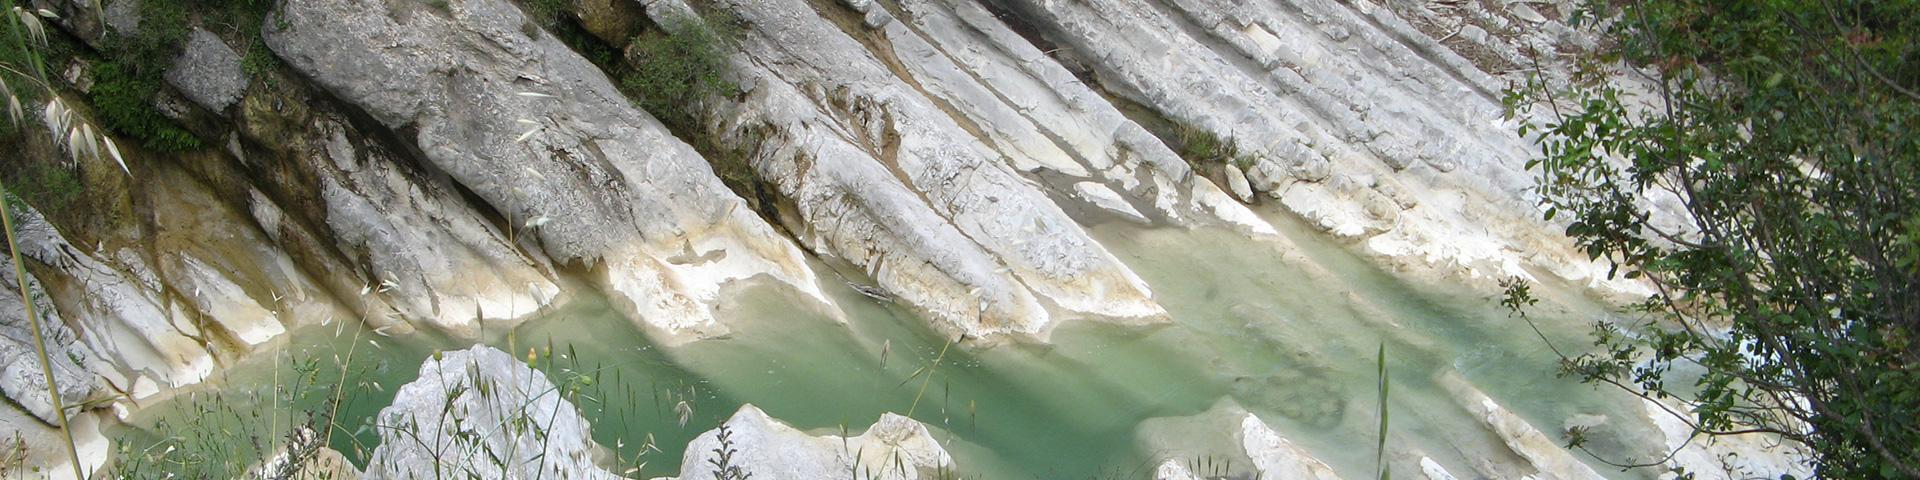 Bancs de calcaires, Alpes-Maritimes